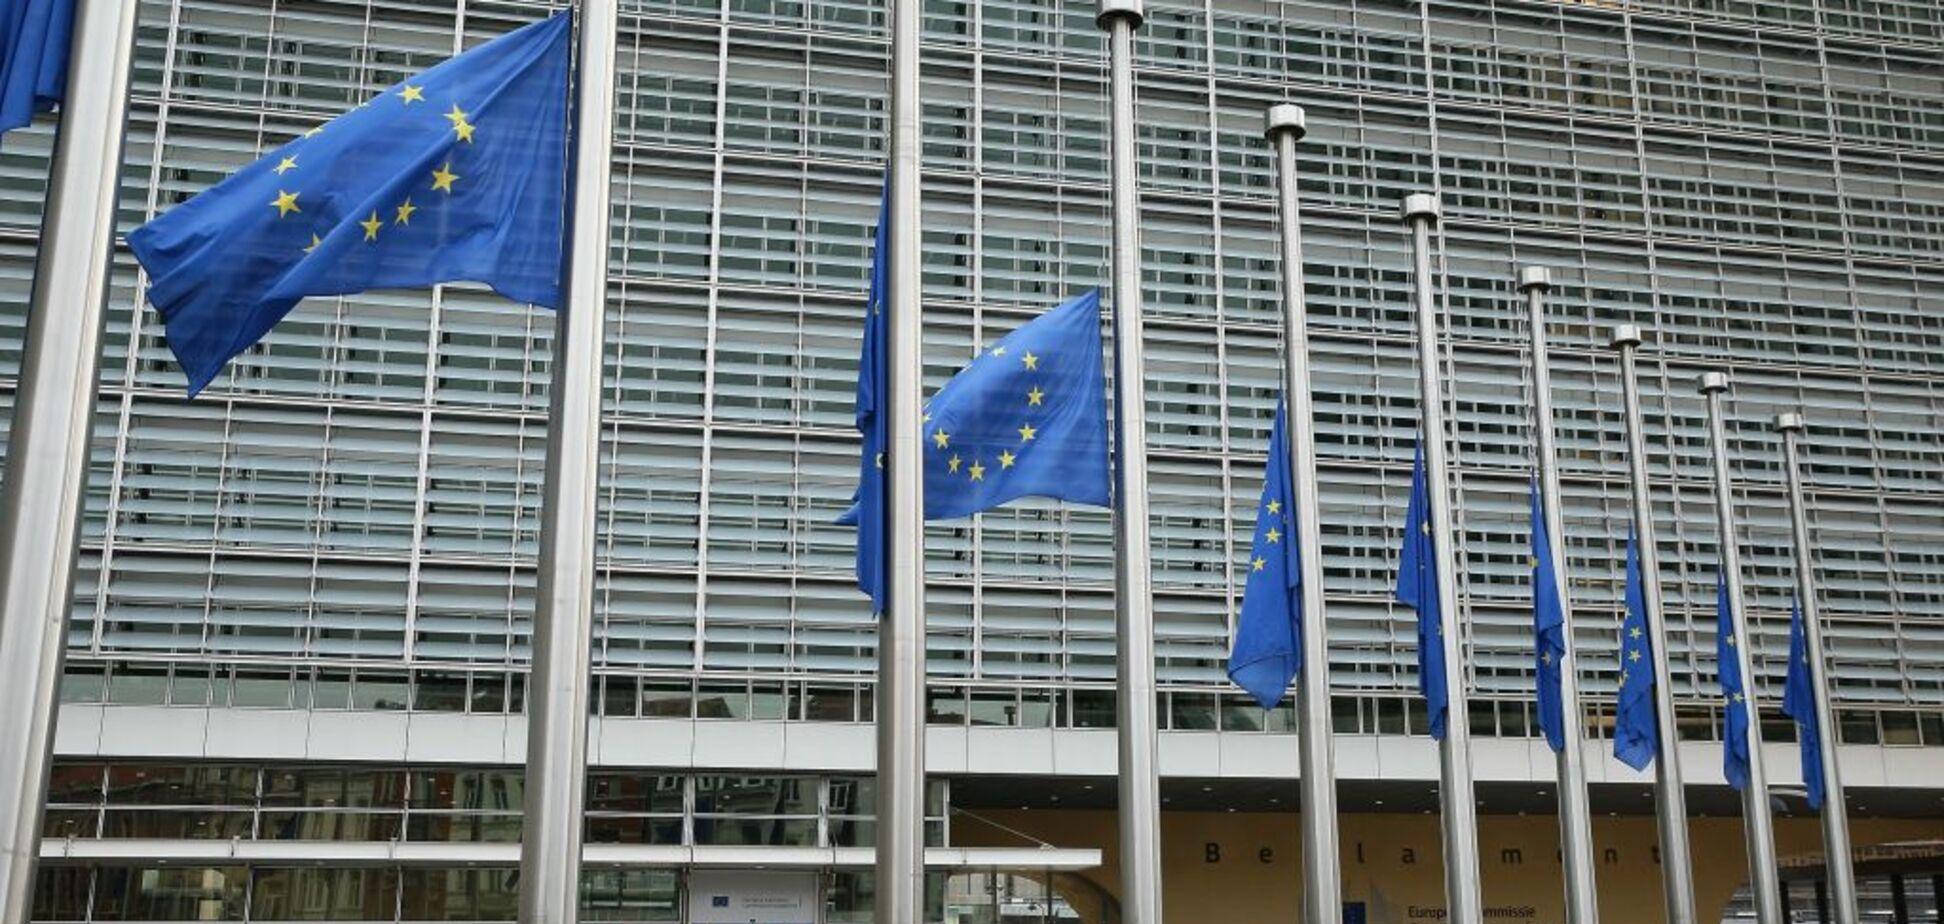 Євросоюз може зняти санкції з екс-соратників Януковича: названо імена